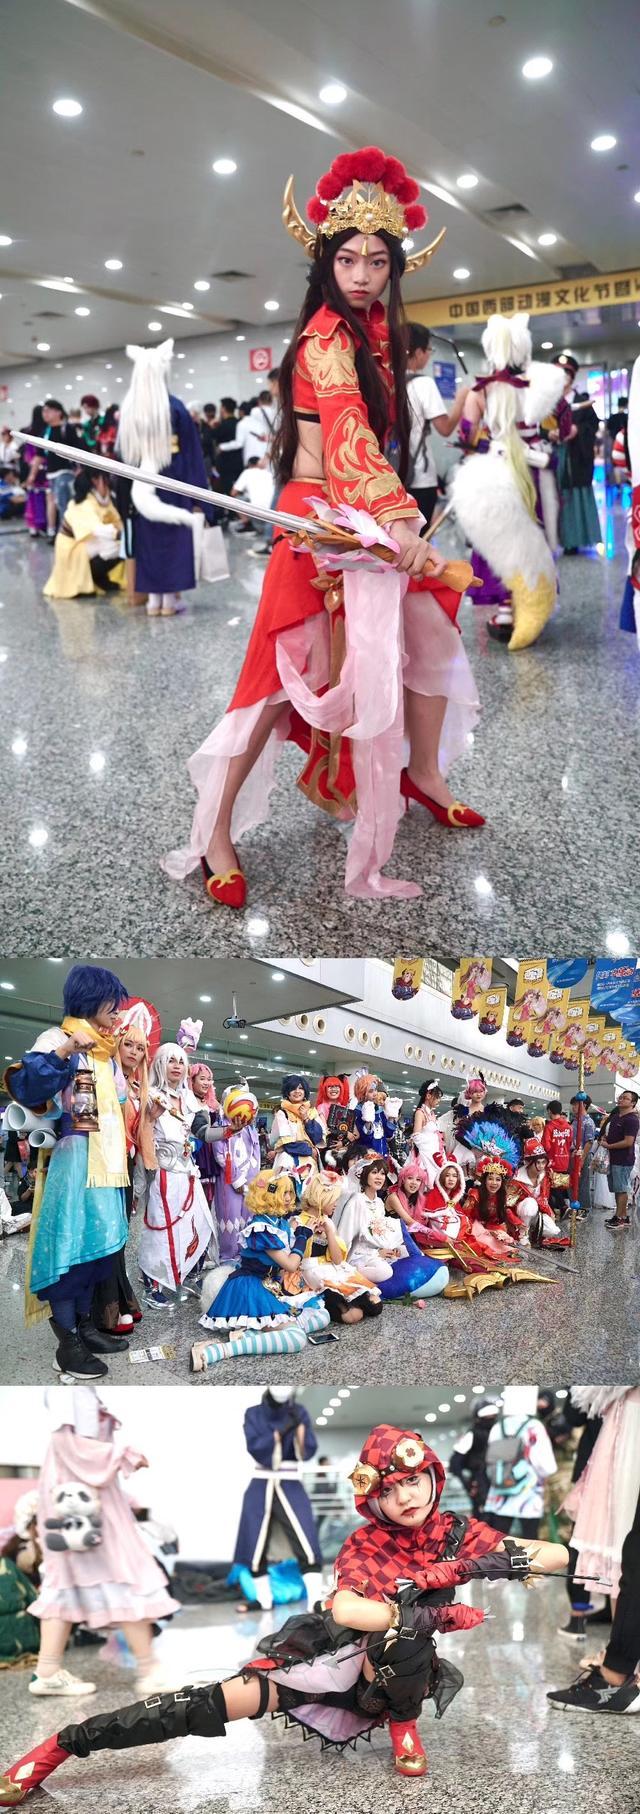 重庆漫展地点,第十一届西部动漫文化节在渝盛大开幕